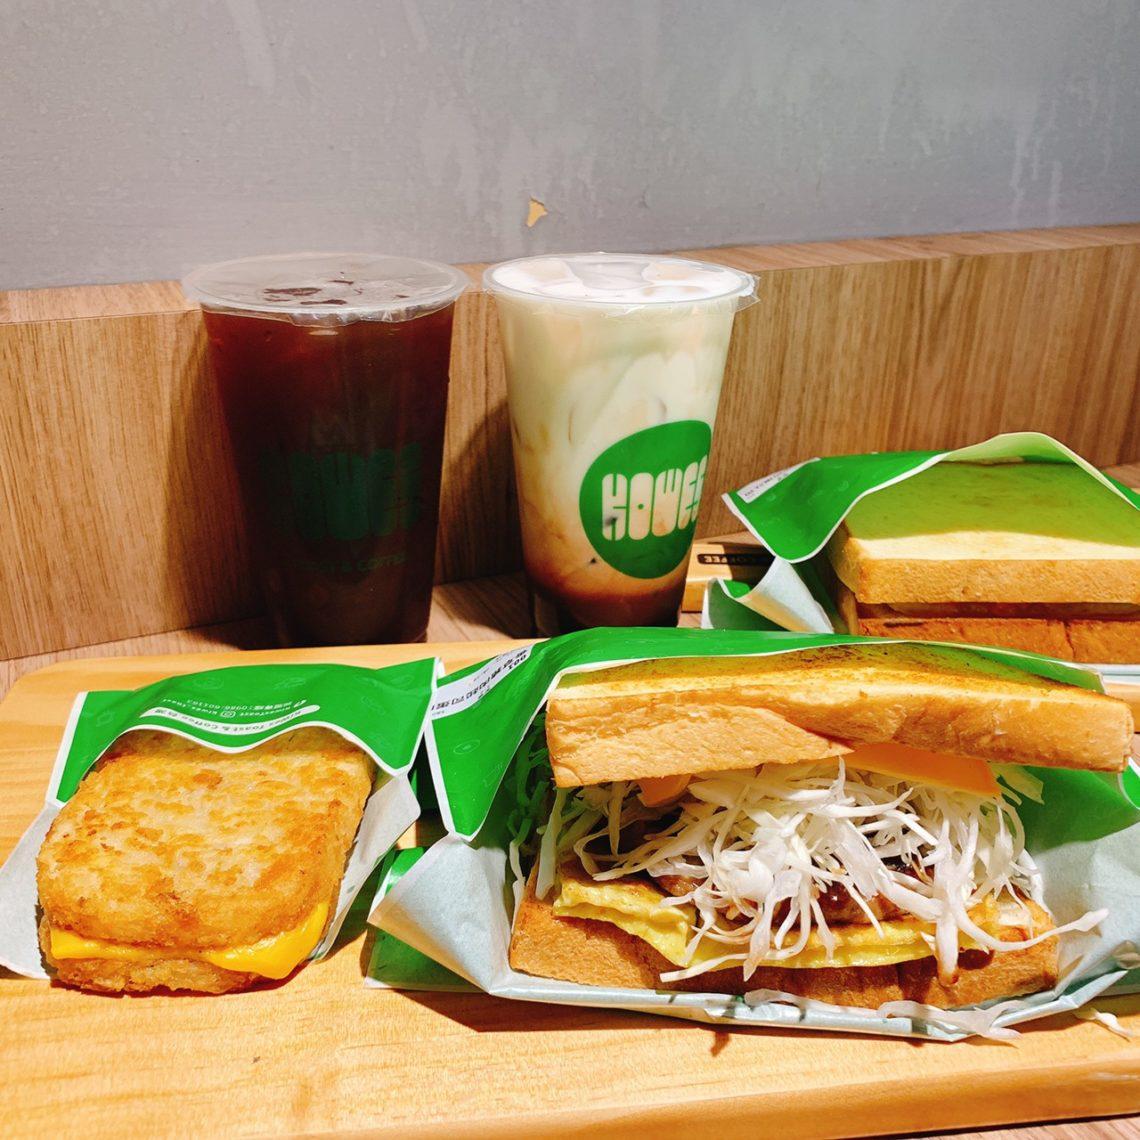 kiwes toast菜單